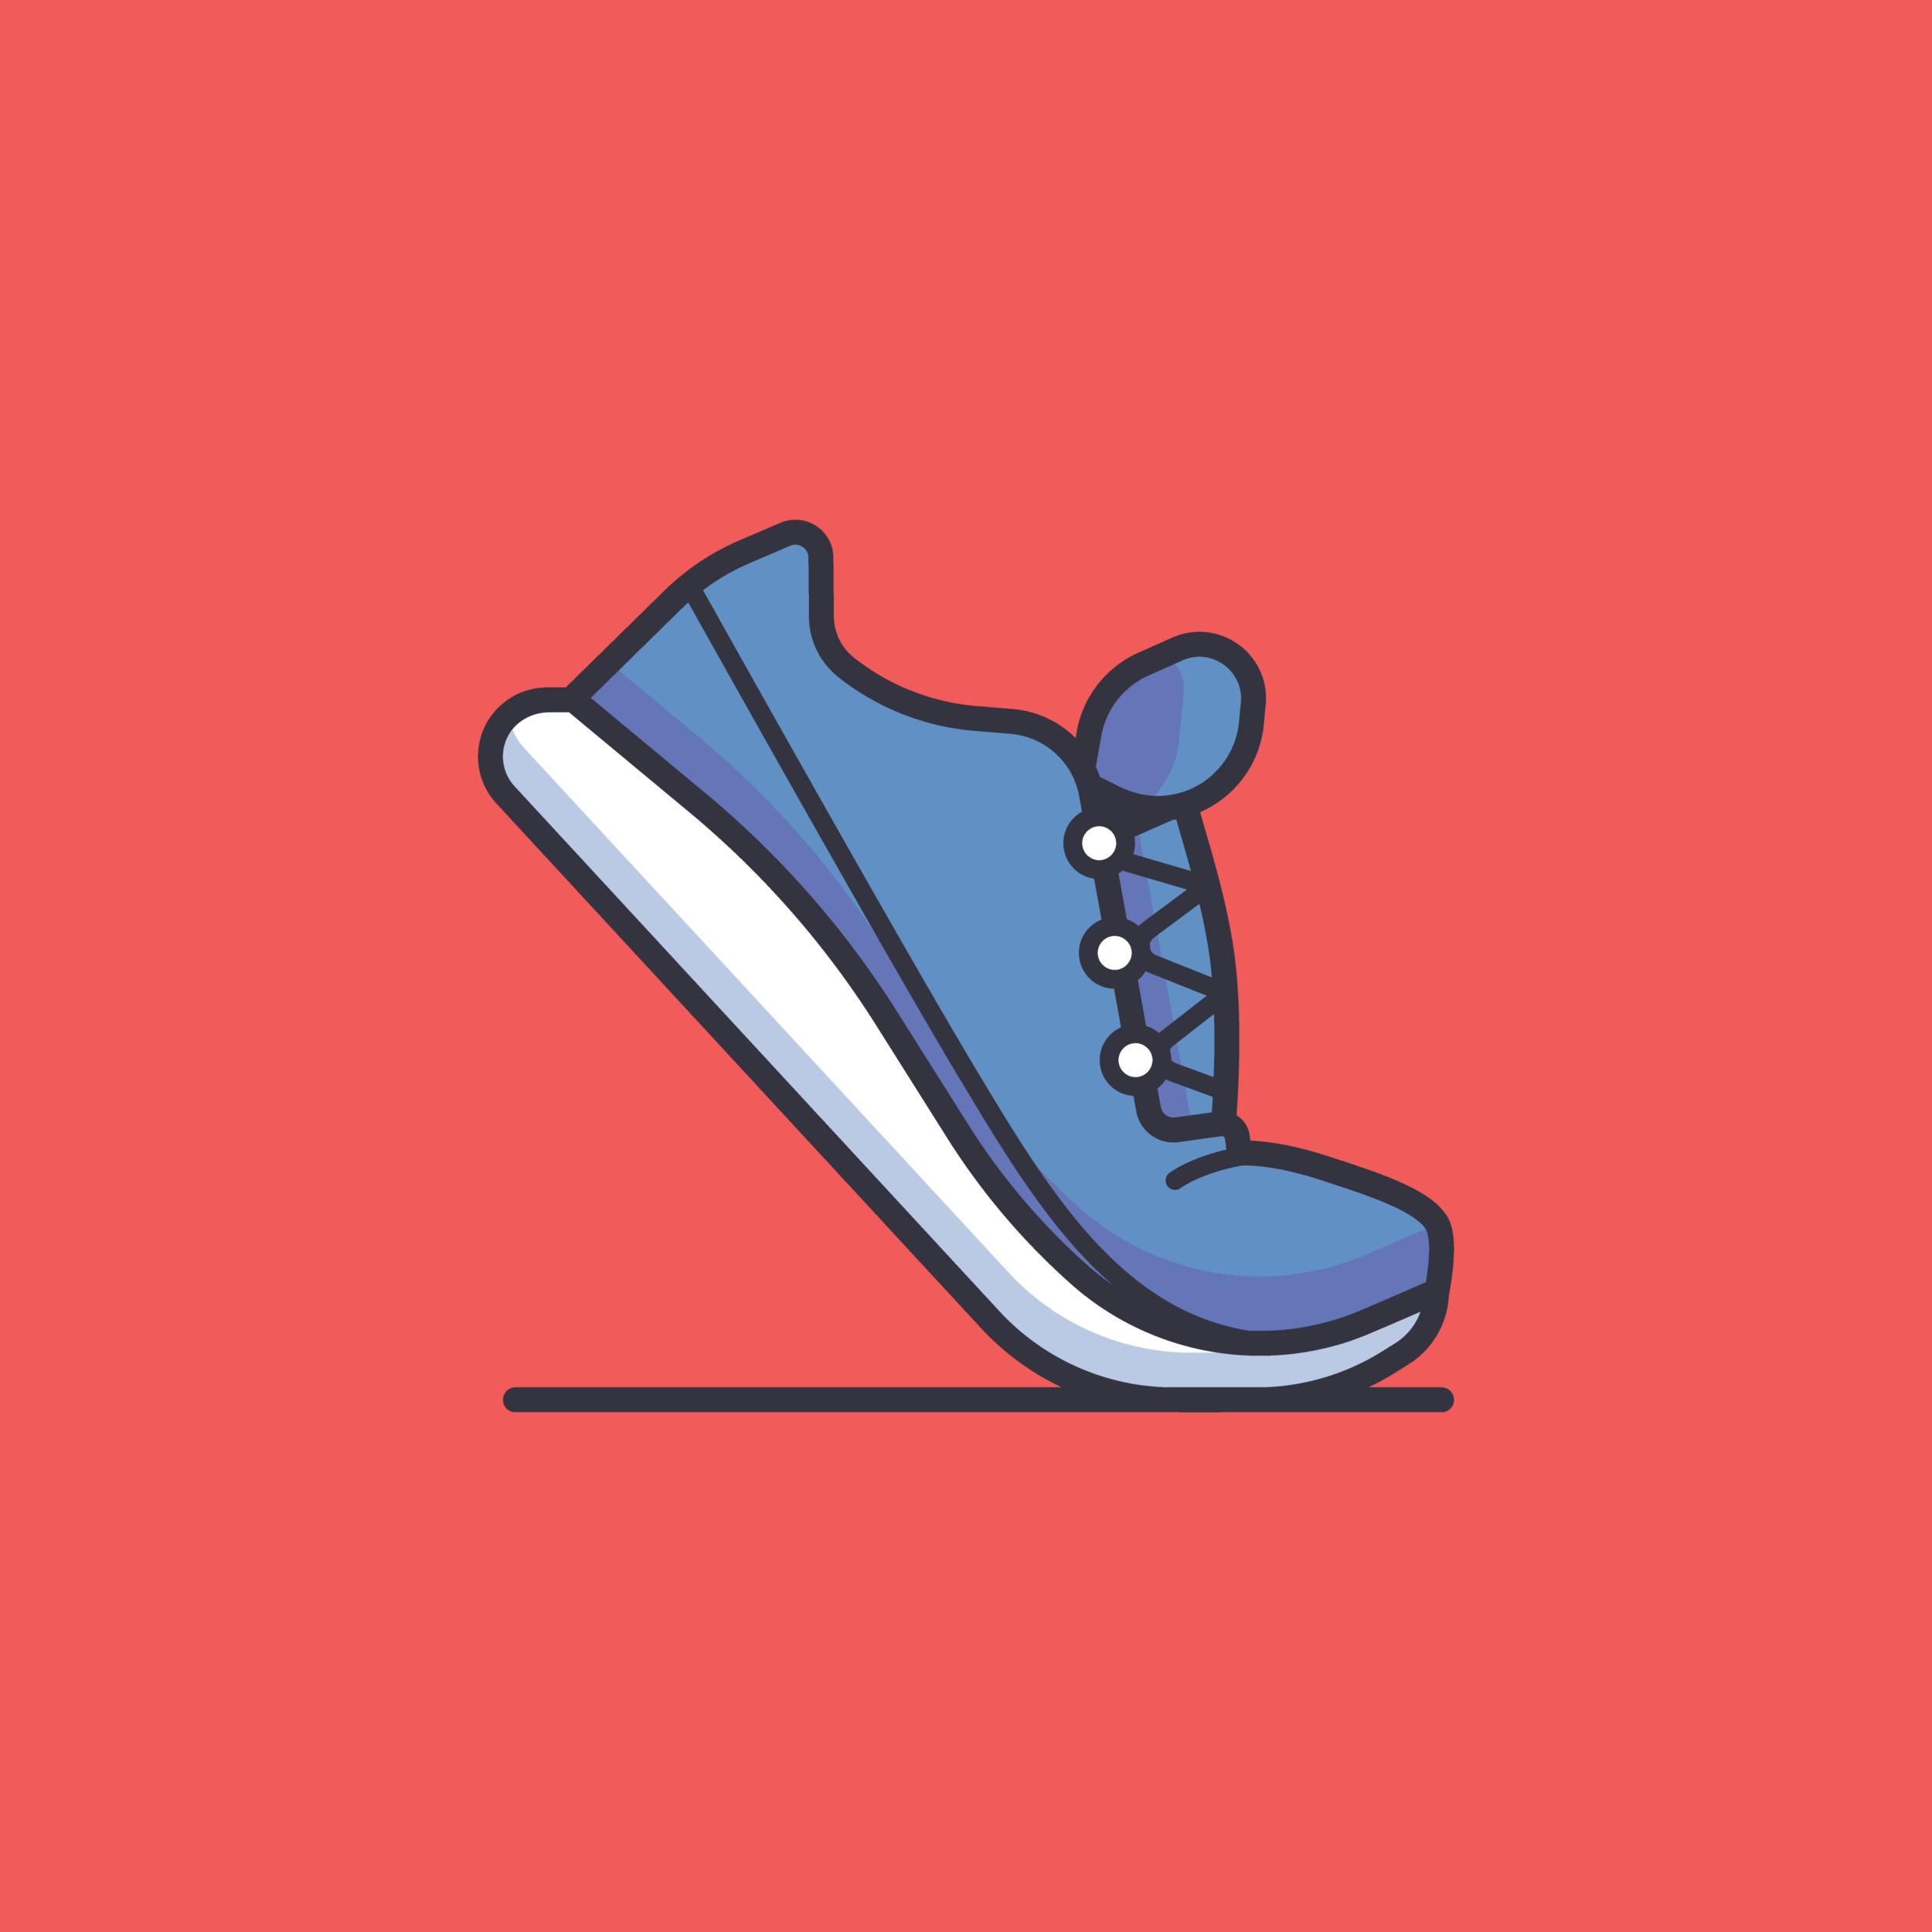 Sneaker-PurpleRed.png